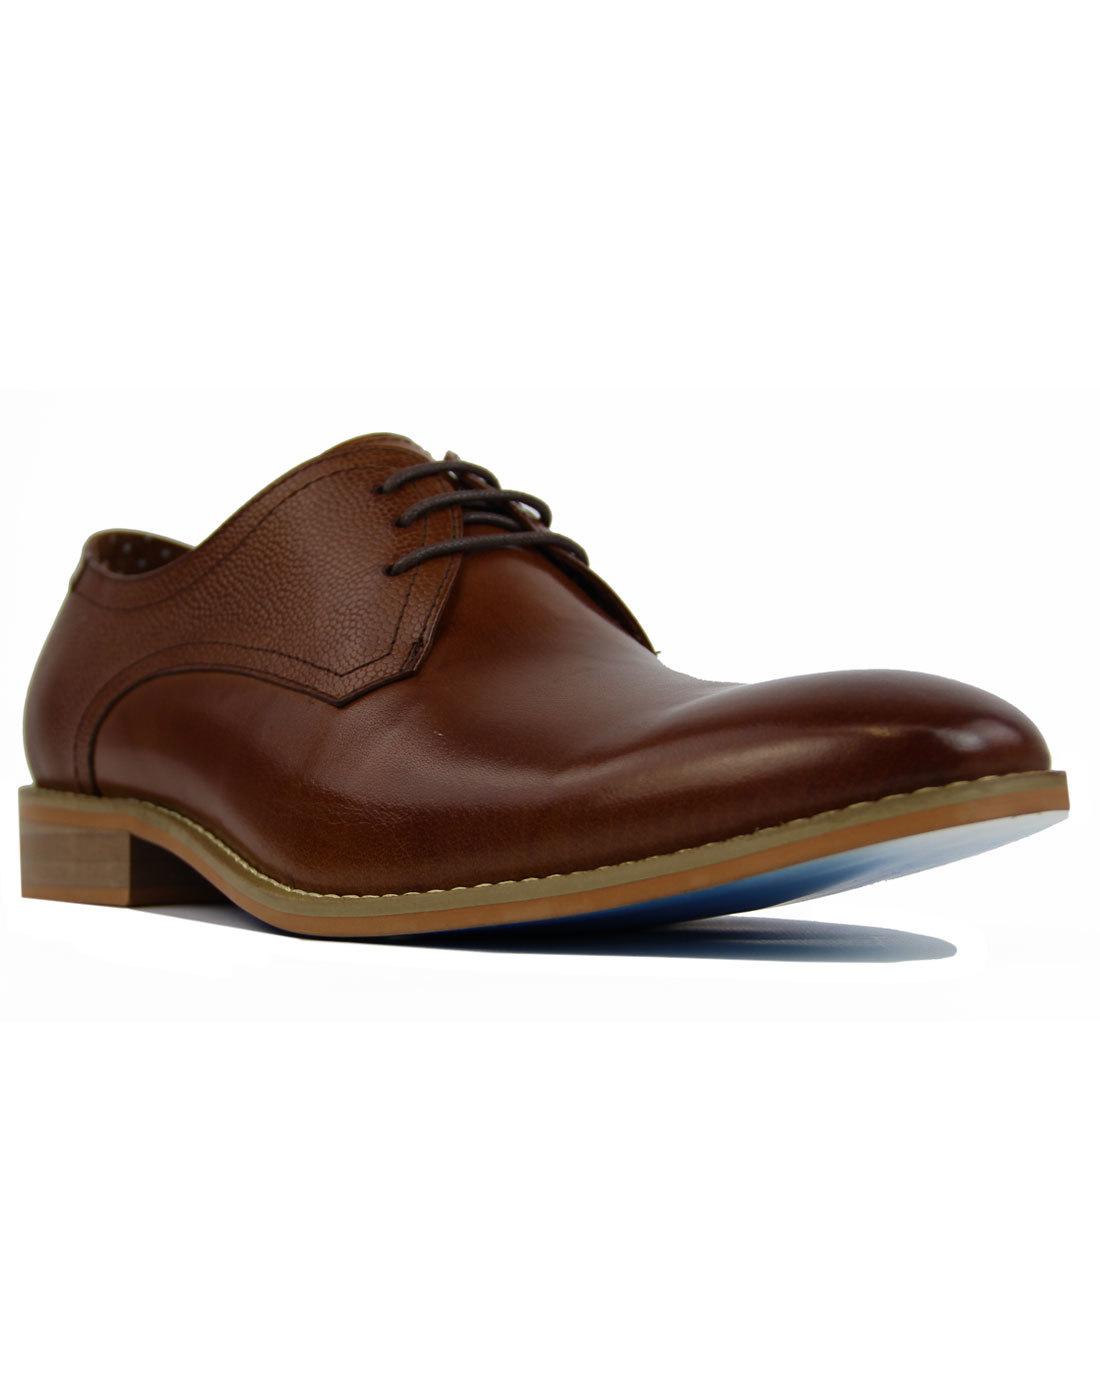 Renon Lace PAOLO VANDINI Retro Derby Shoes In Tan